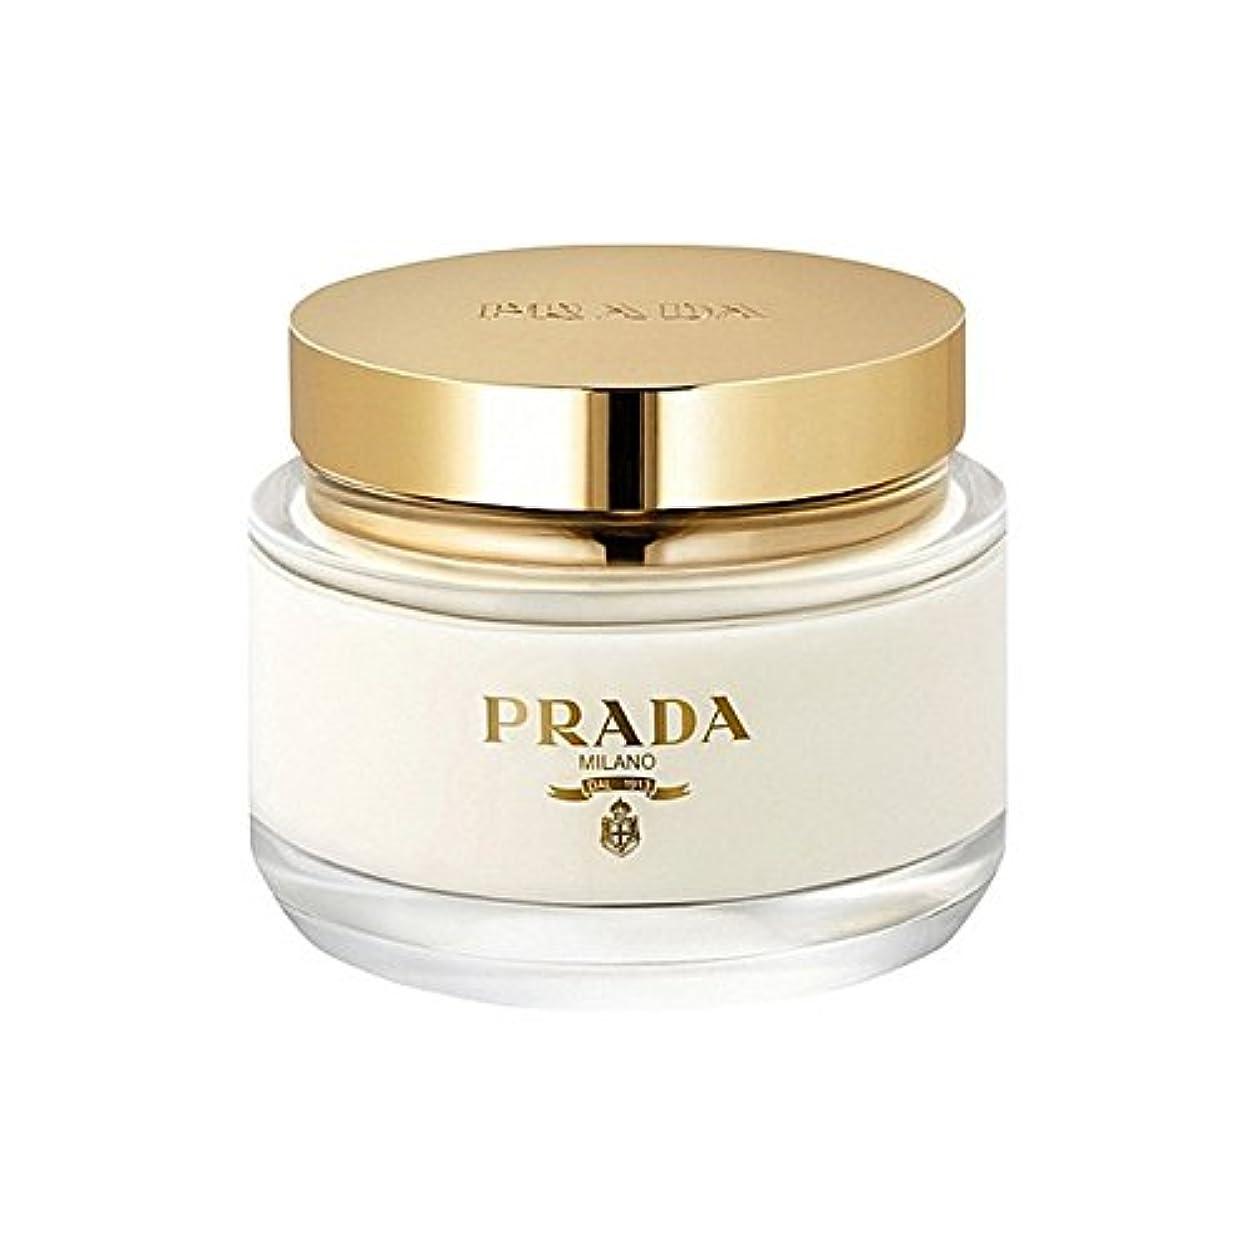 飛行機バルコニーポールプラダラファムボディクリーム200ミリリットル x4 - Prada La Femme Body Cream 200ml (Pack of 4) [並行輸入品]